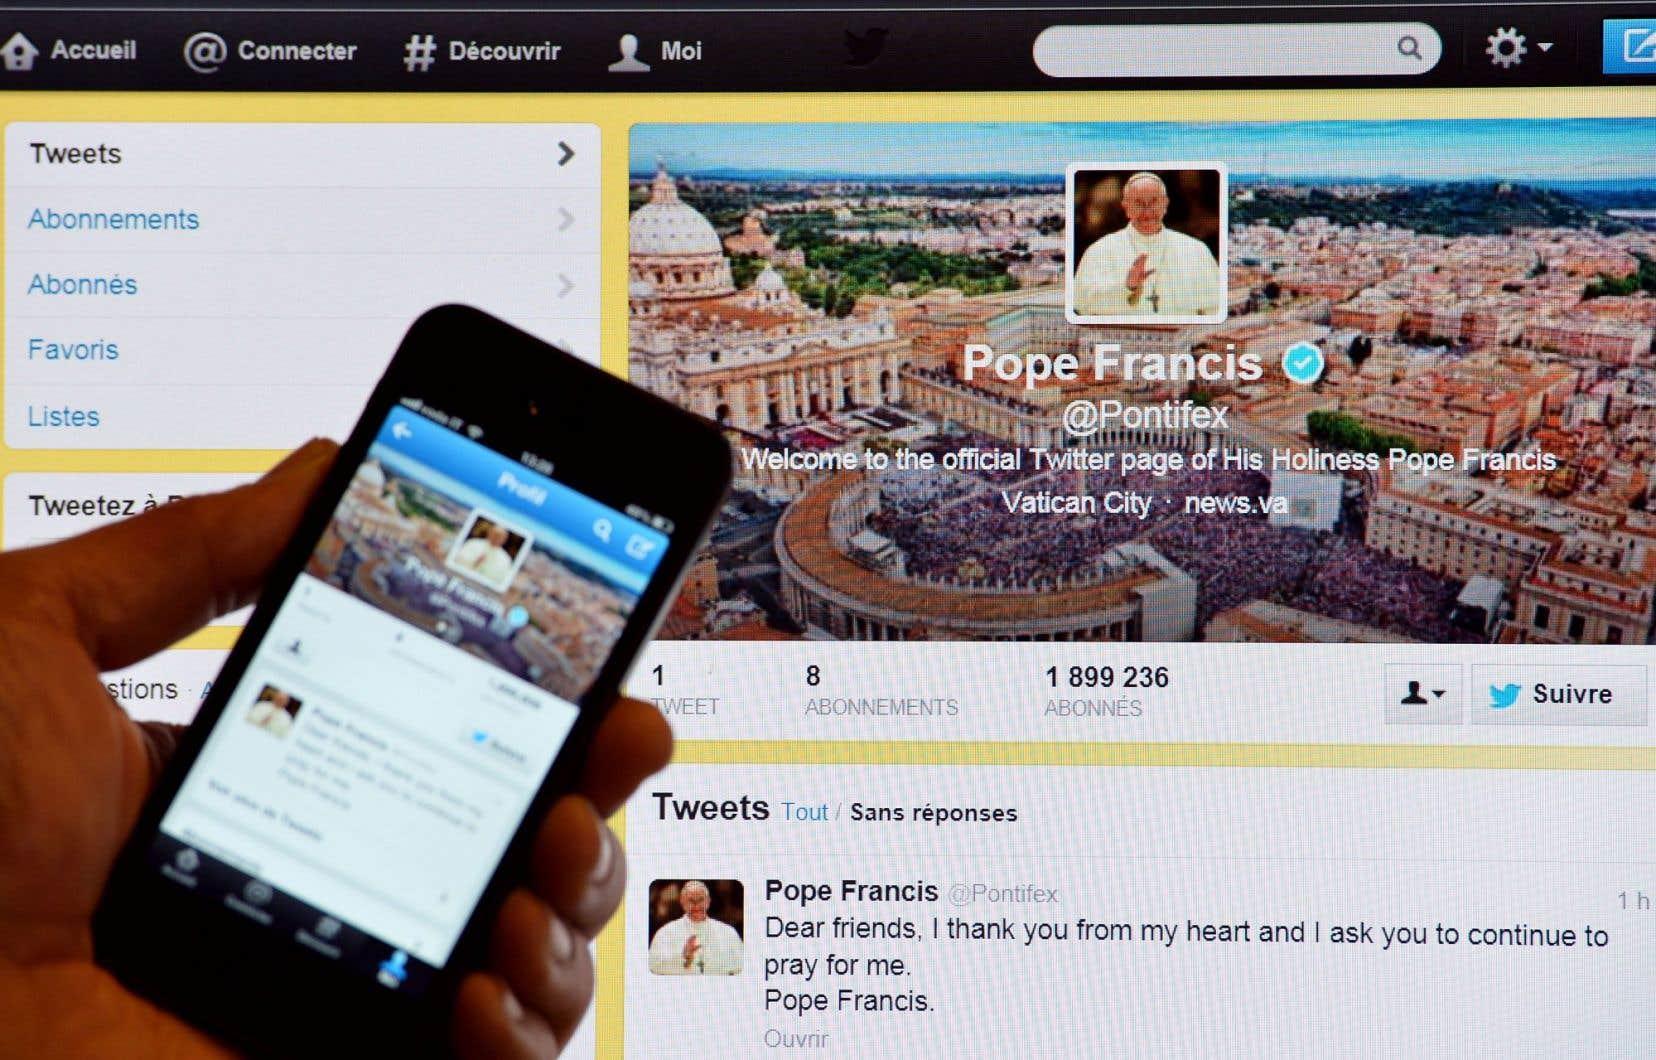 Le compte Twitter du pape François est suivi par des millions de personnes à travers le monde.